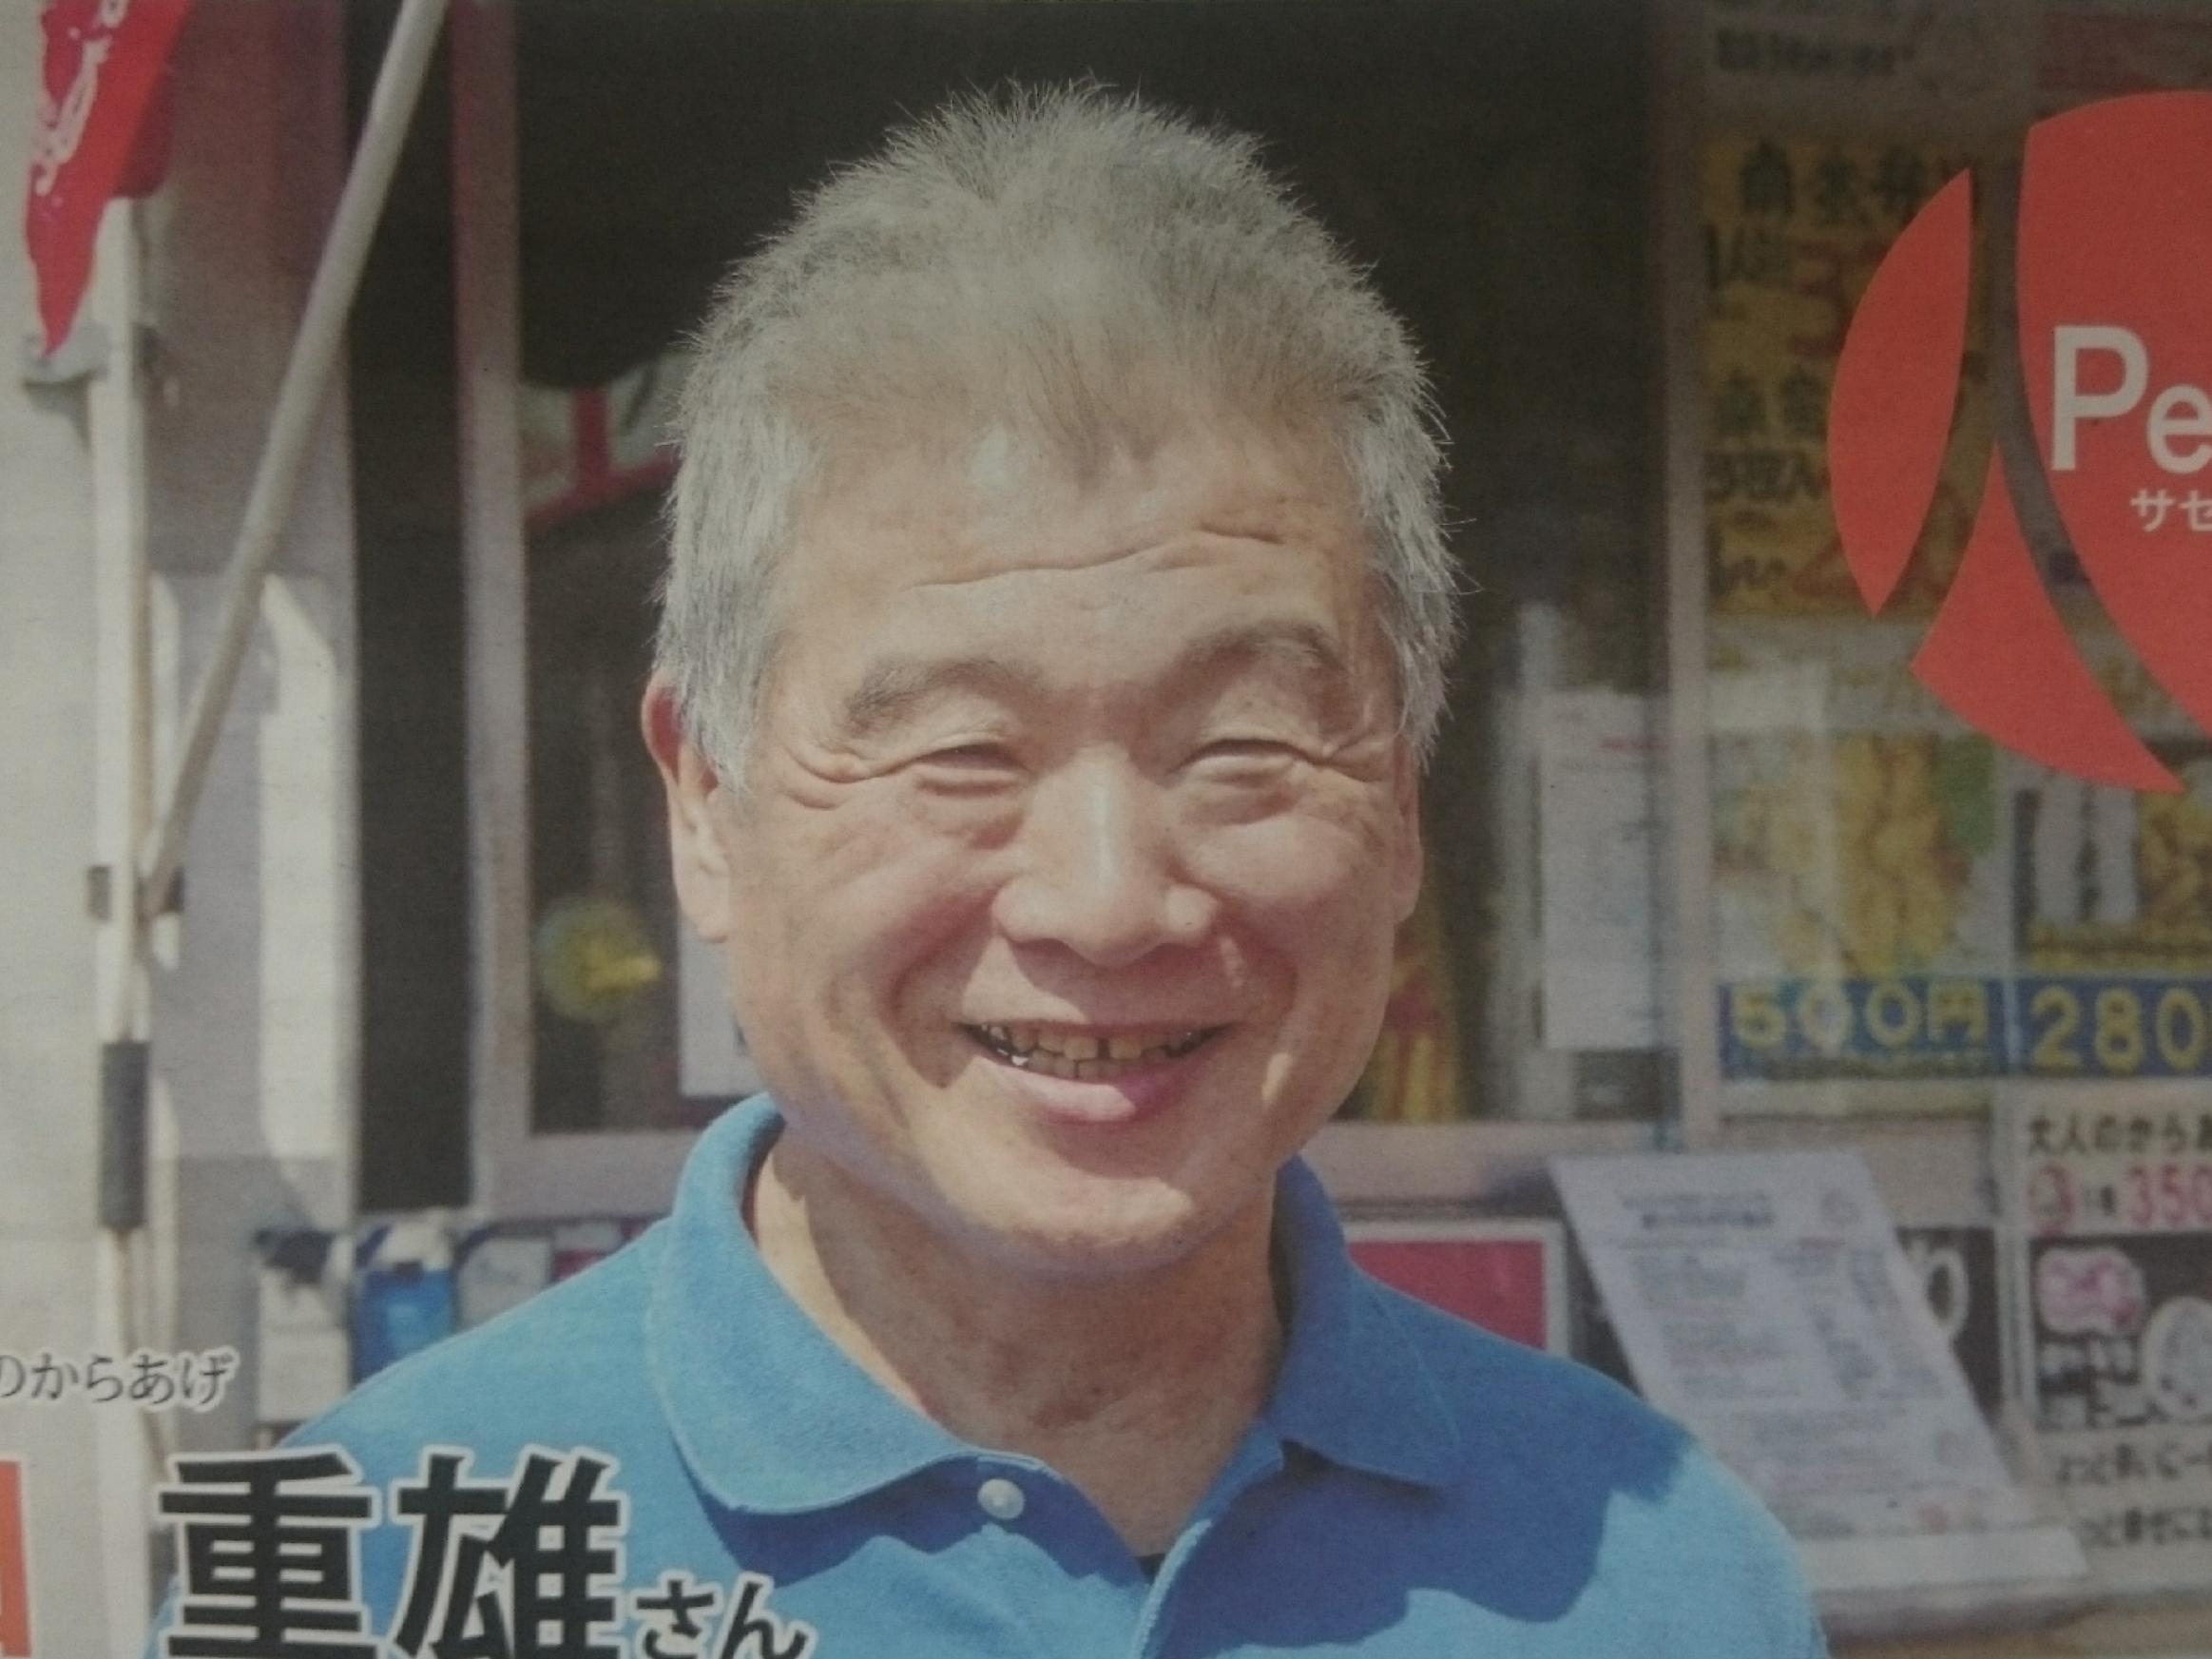 「まいどのからあげ」さんが、長崎新聞で紹介されました(*^_^*)